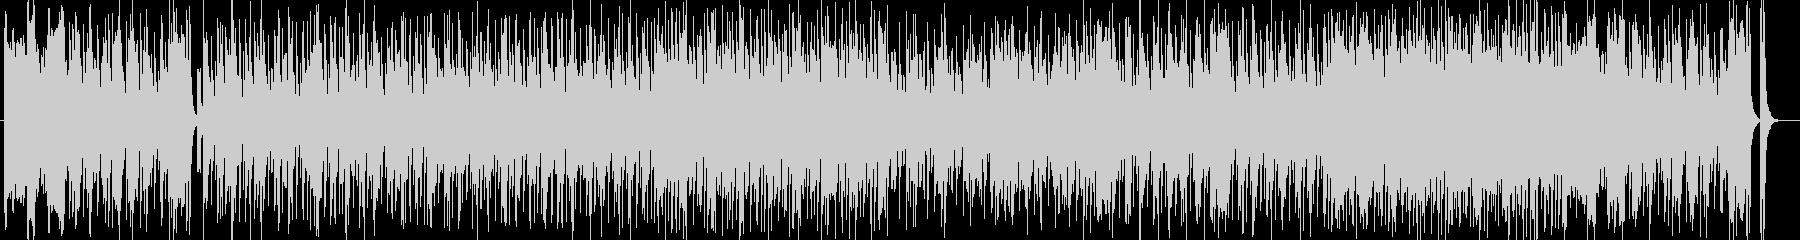 ほのぼのシンセ・ドラムなどポップサウンドの未再生の波形